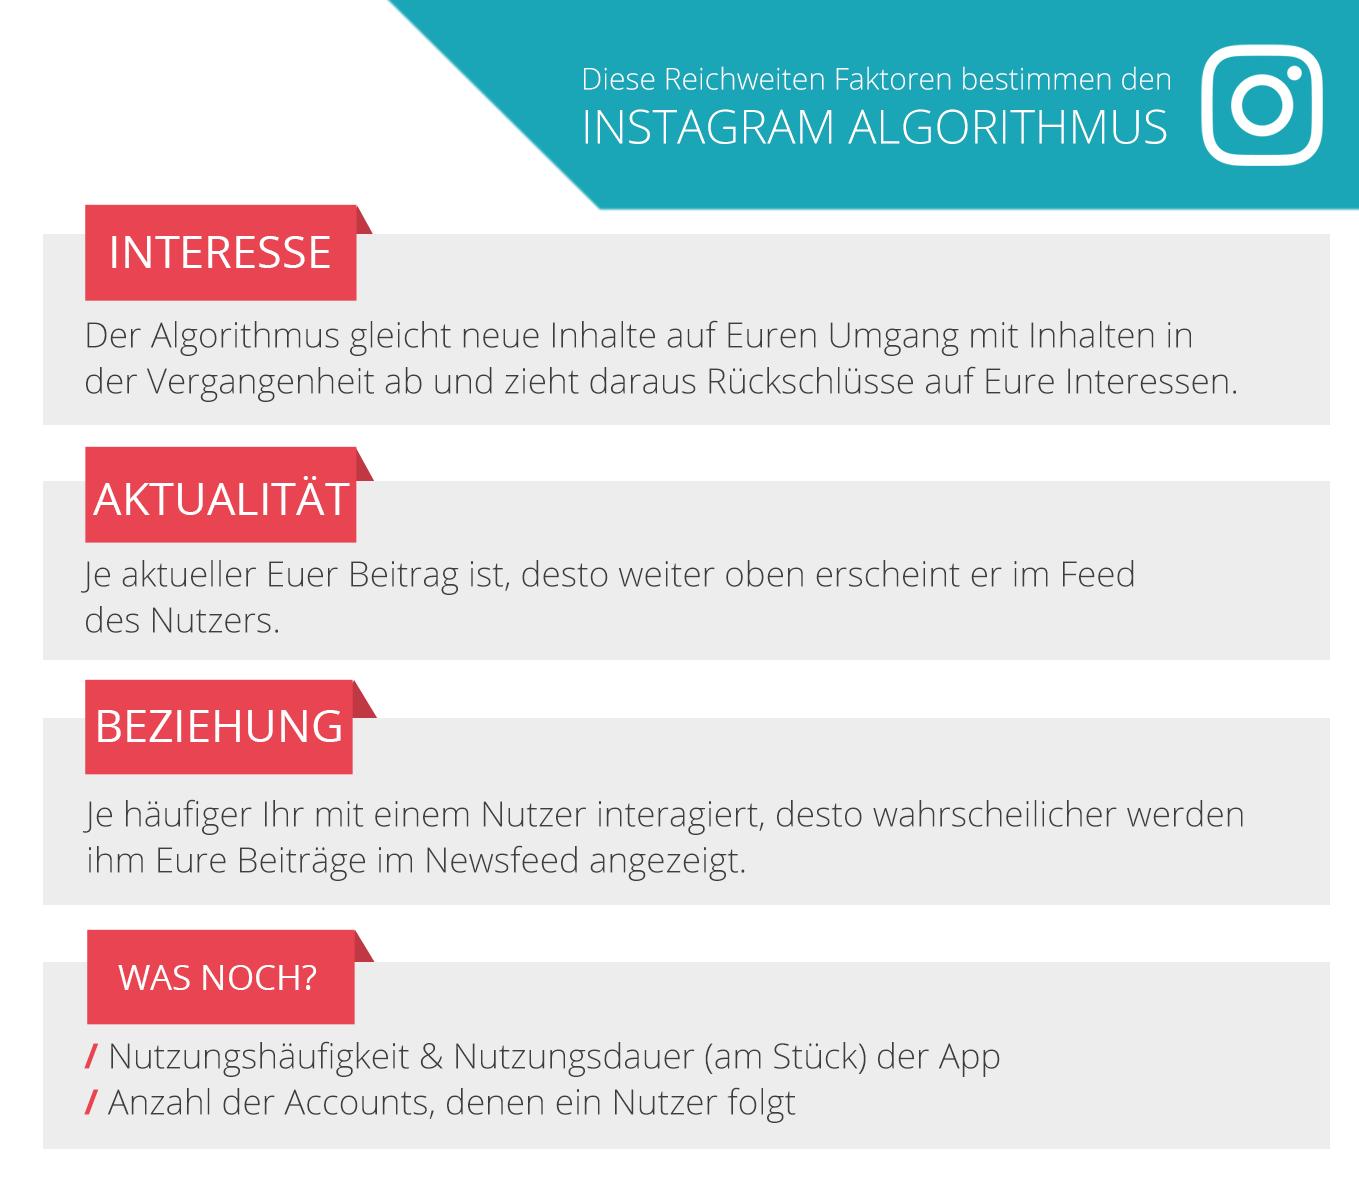 Instagram_Algorithmus_Reichweiten_Faktoren